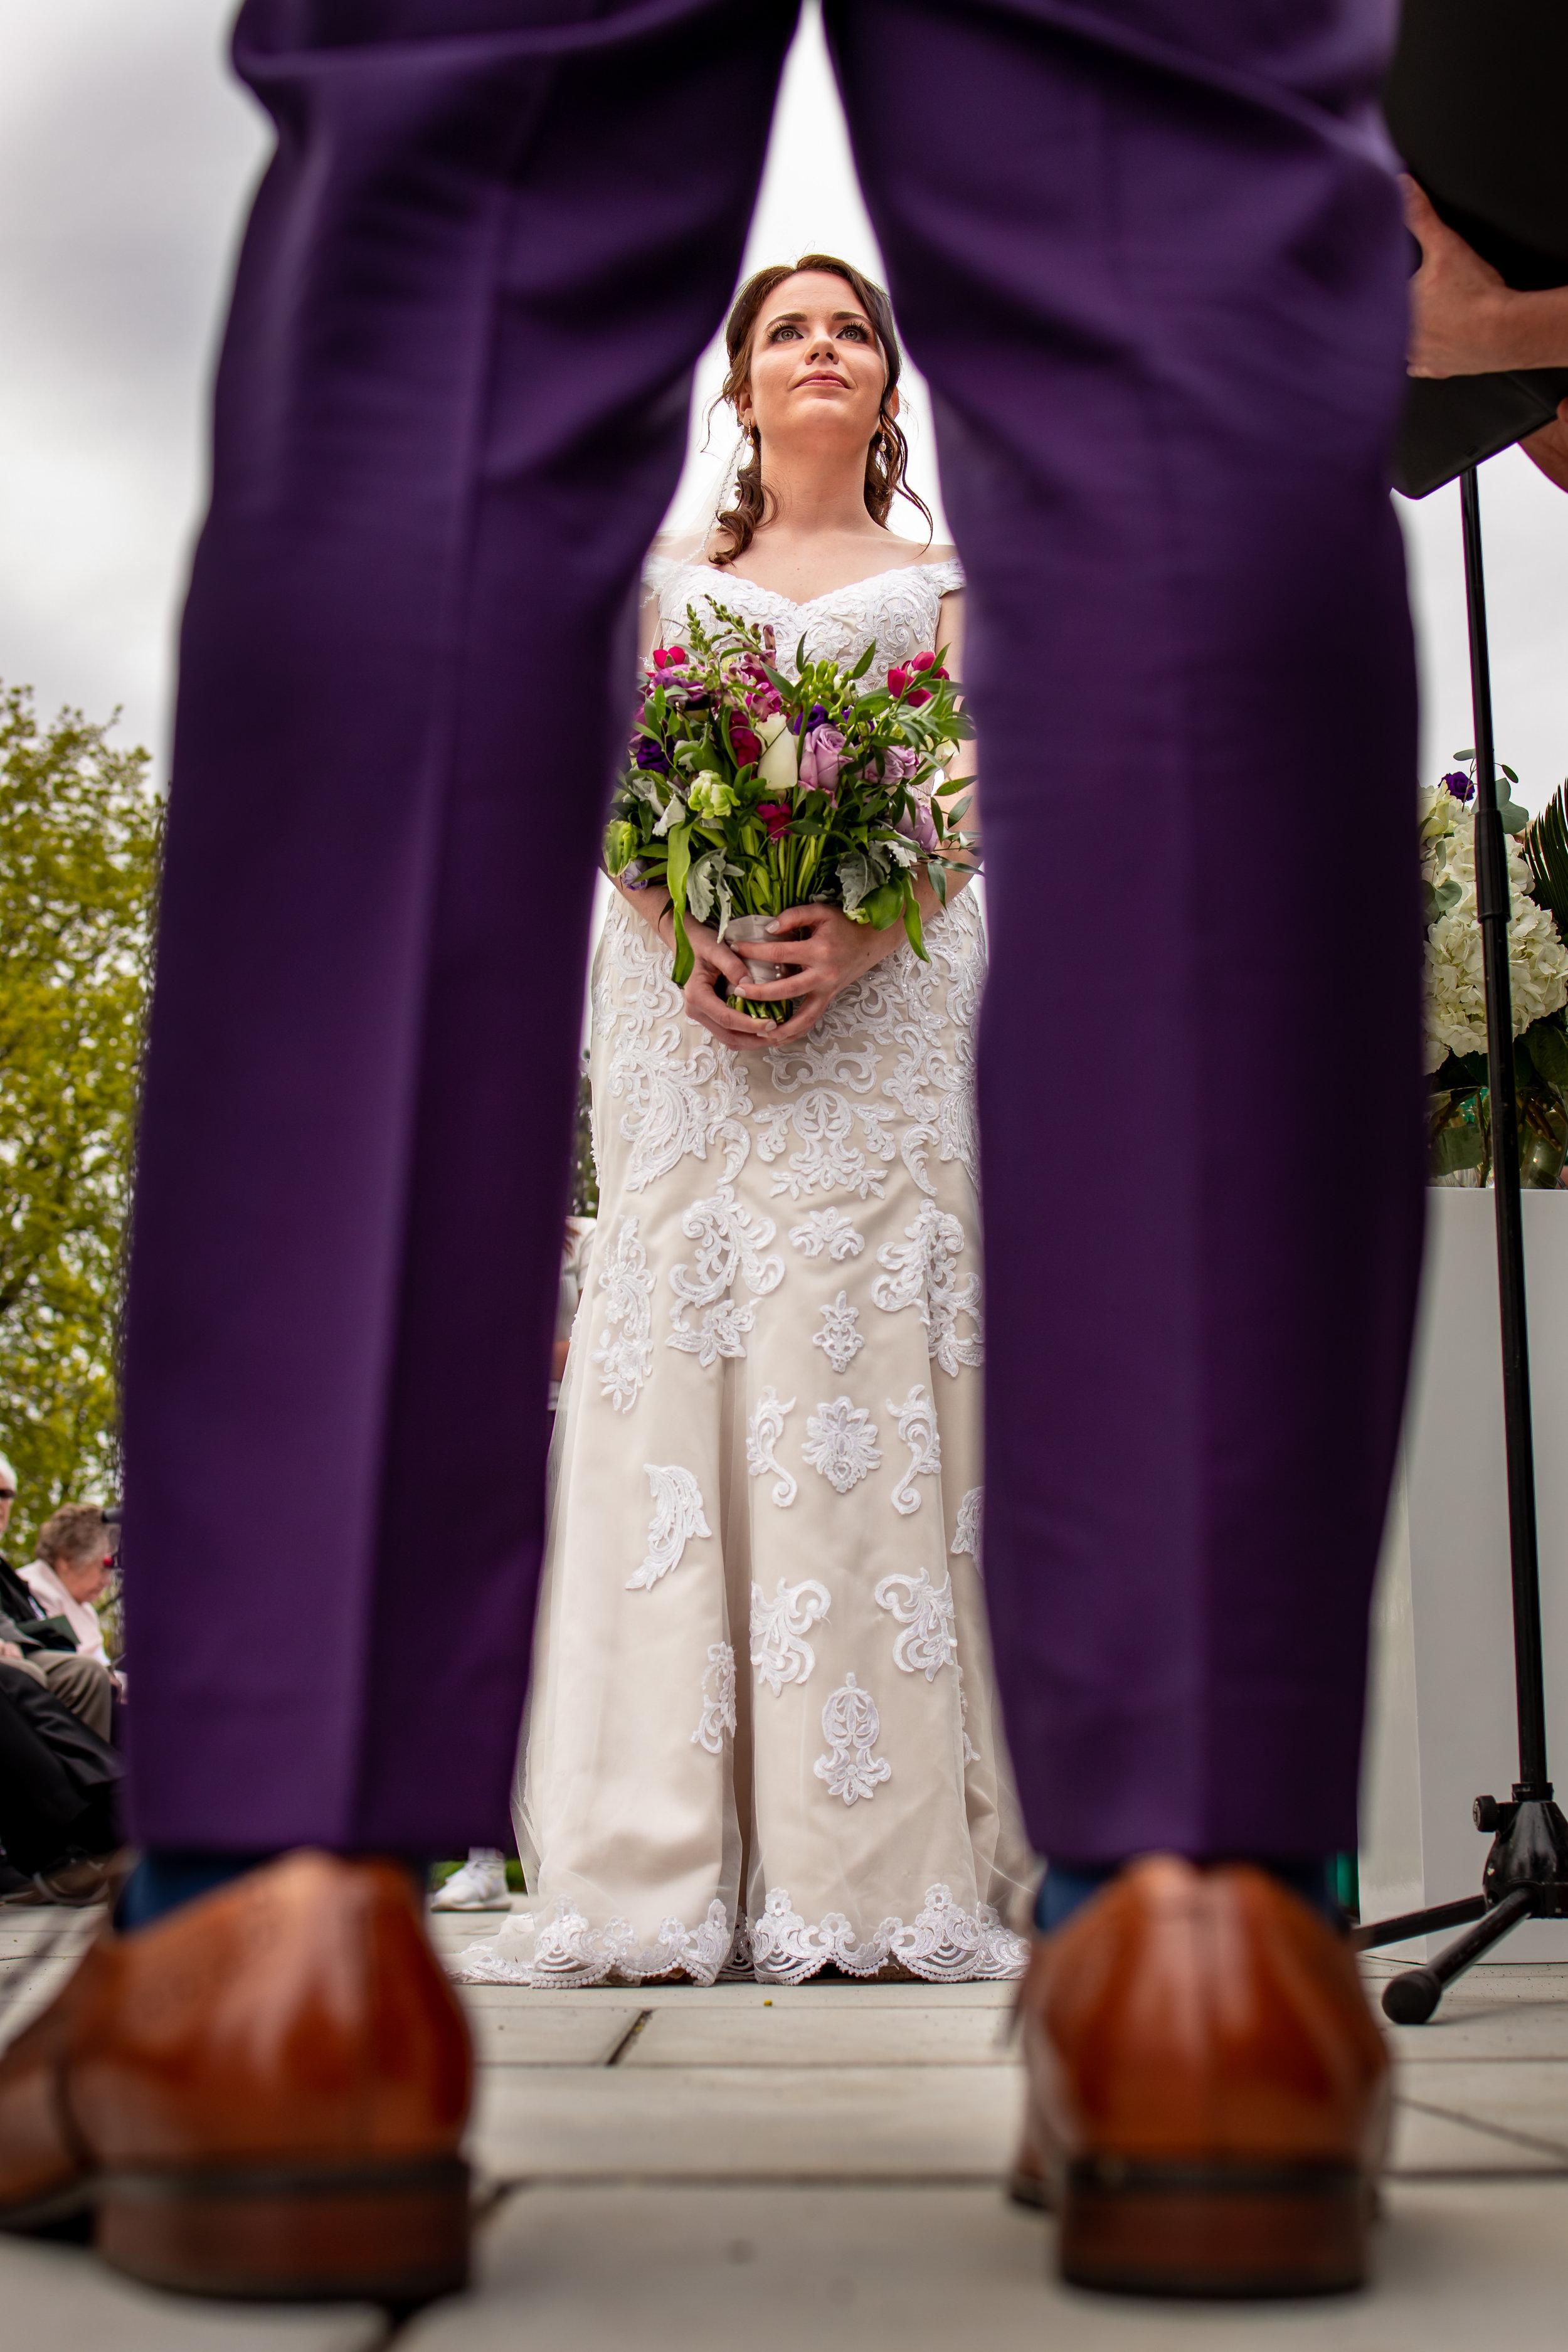 YMG-wedding-photos-44.jpg